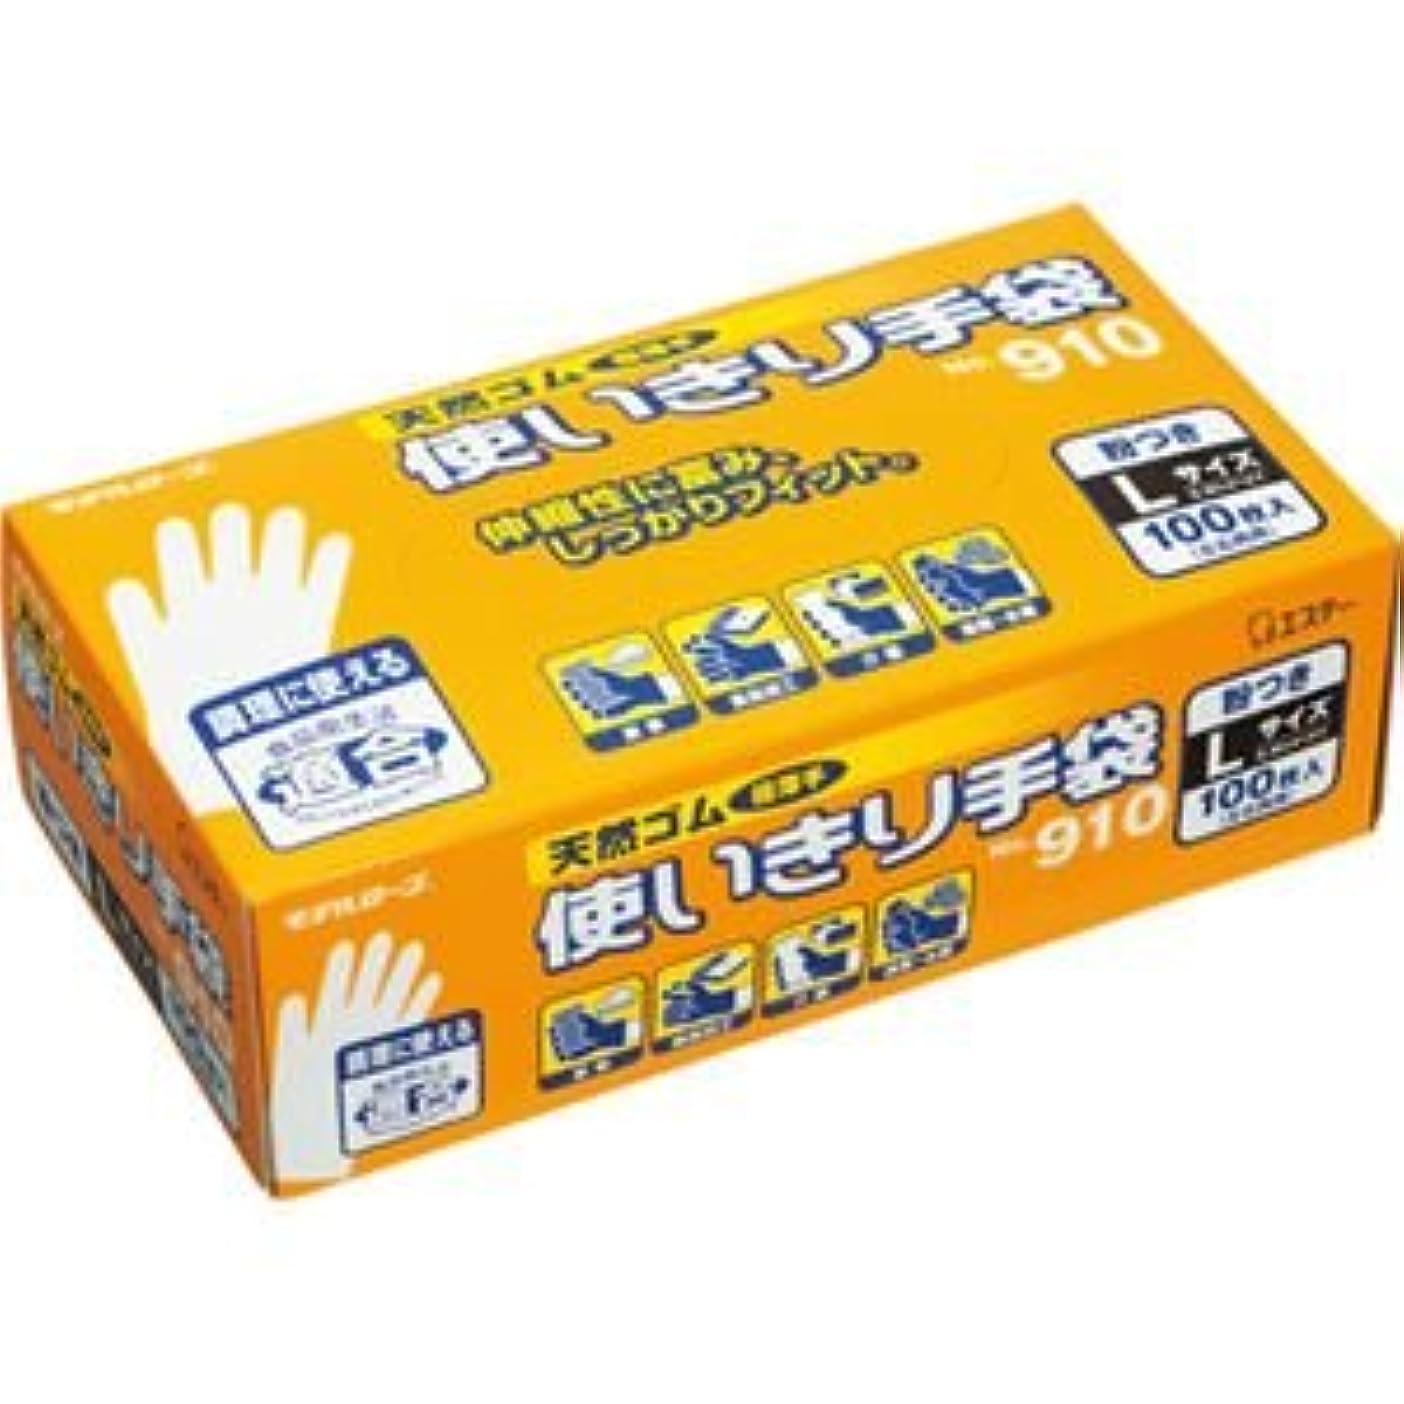 有名な約設定不愉快に(まとめ) エステー No.910 天然ゴム使いきり手袋(粉付) L 1箱(100枚) 【×5セット